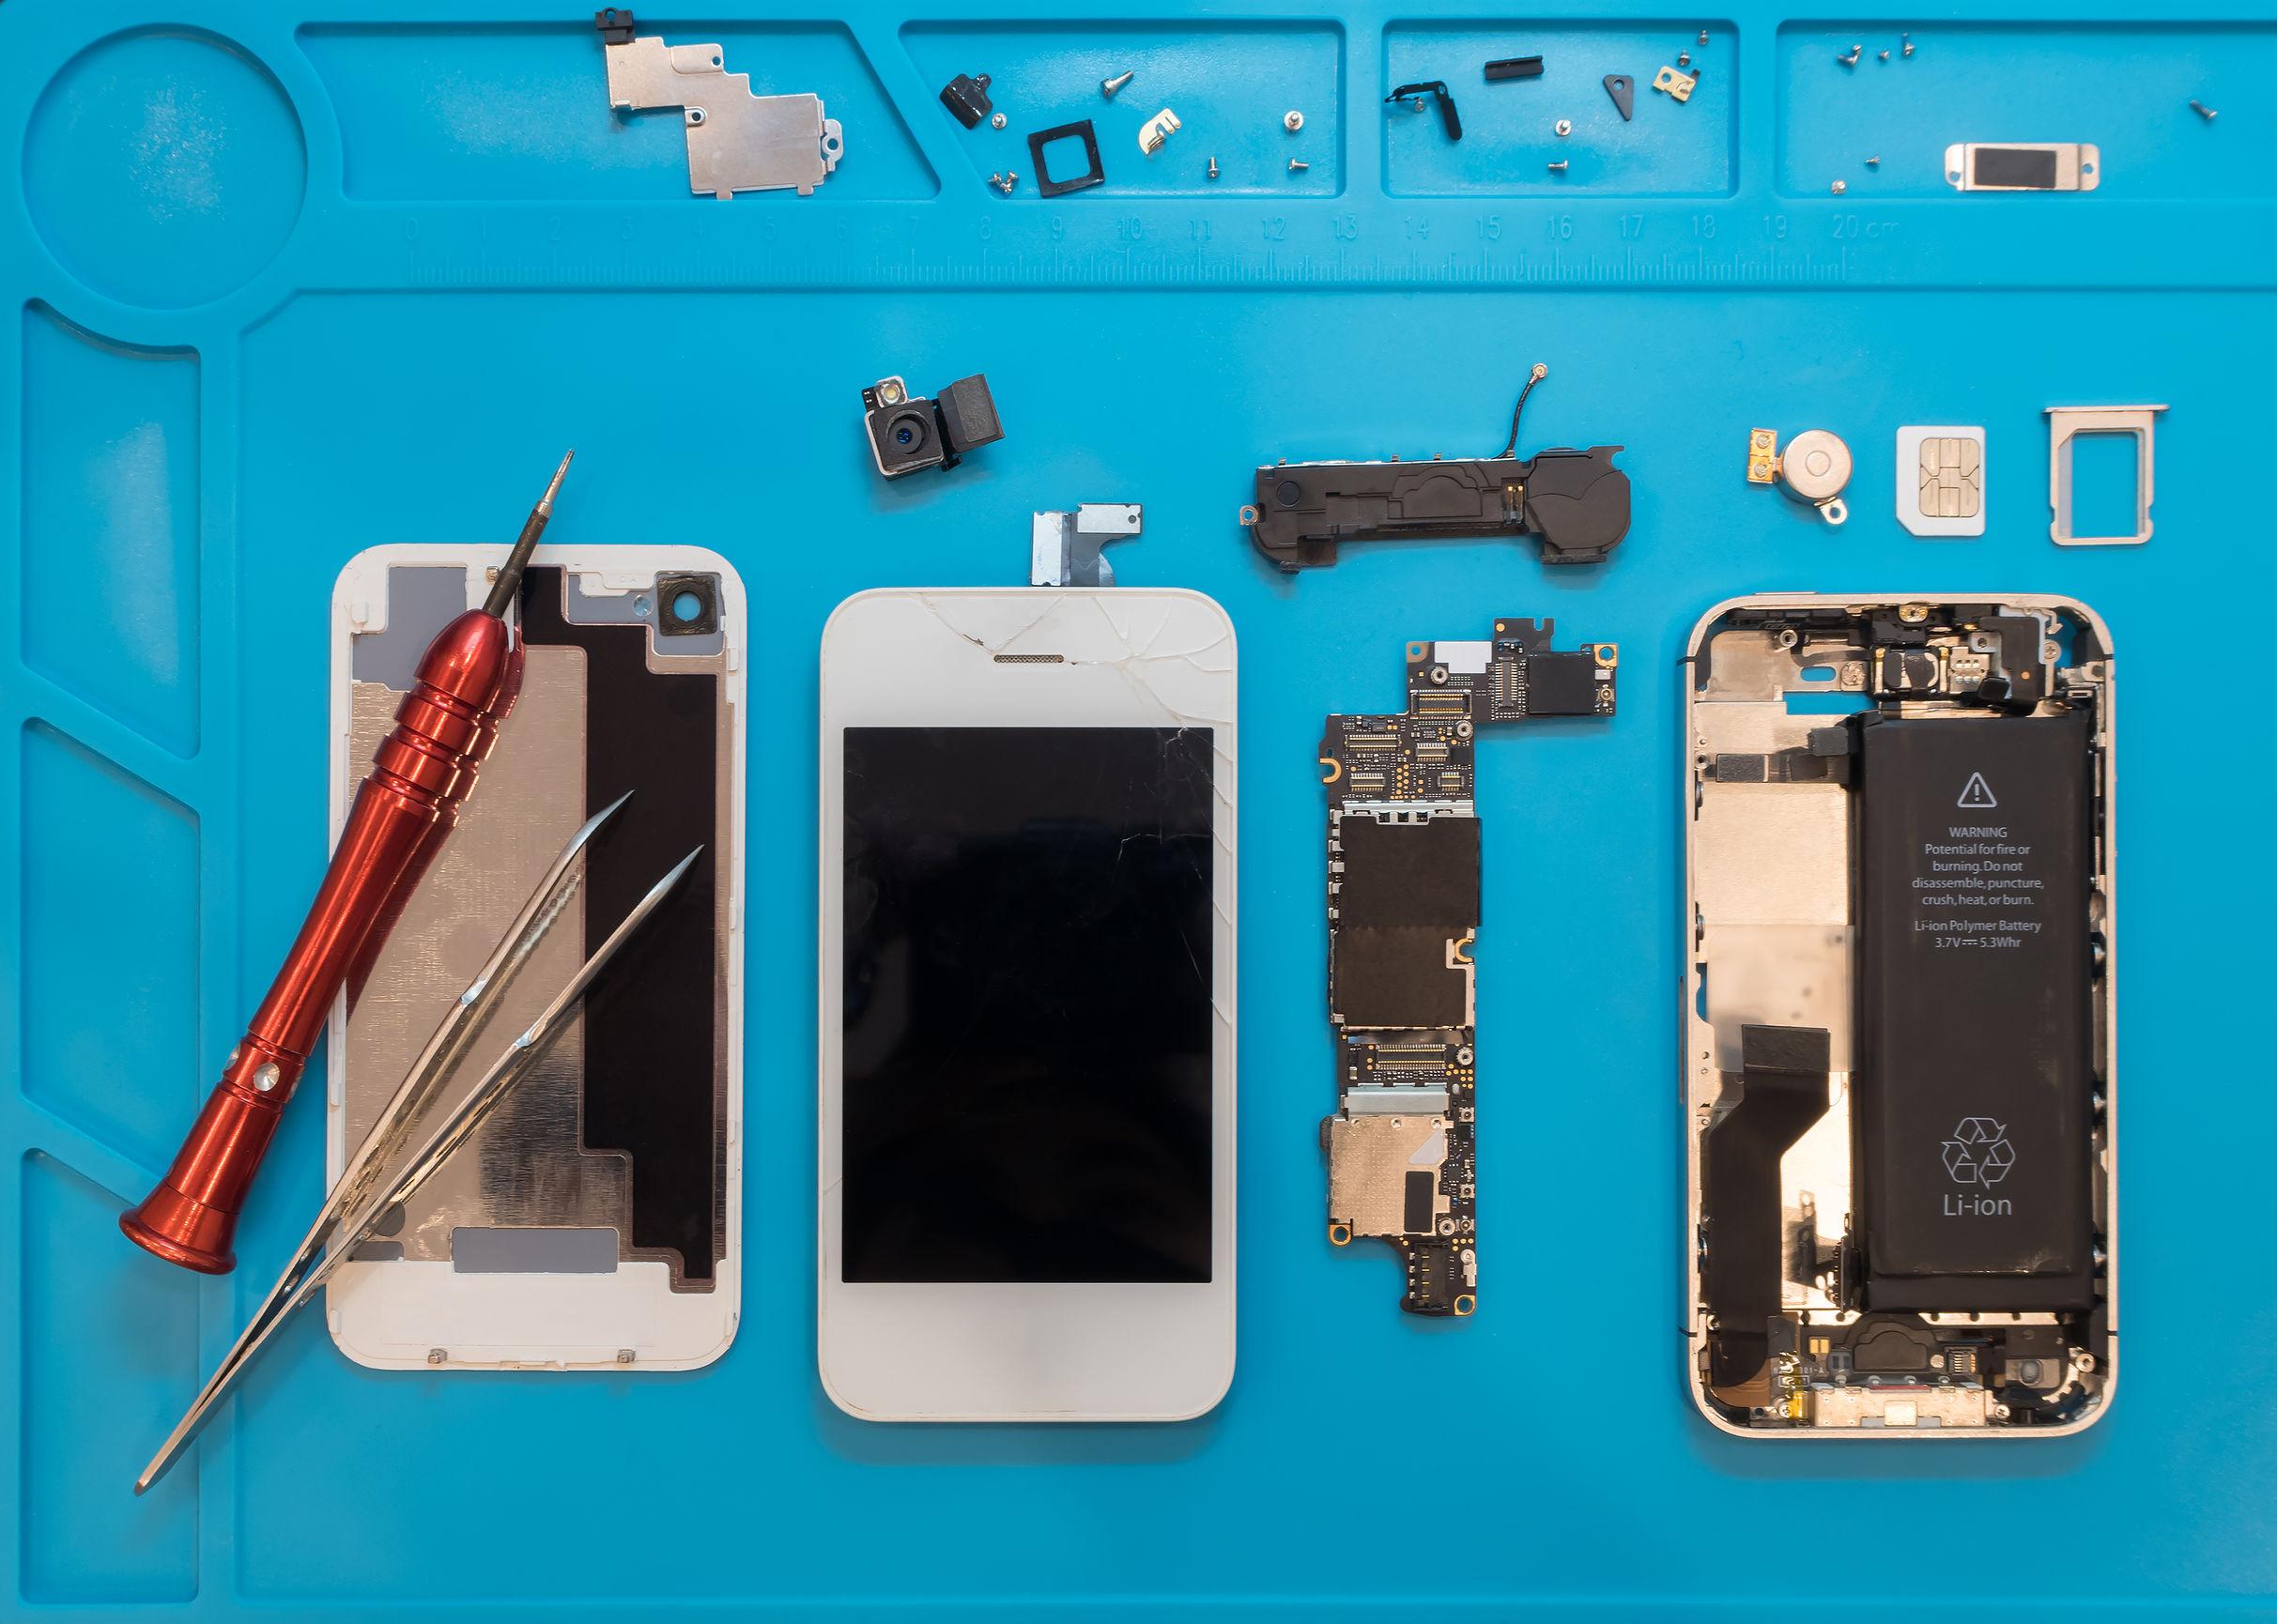 Imagem mostra um celular aberto com algumas ferramentas e peças espalhadas sob uma superfície azul